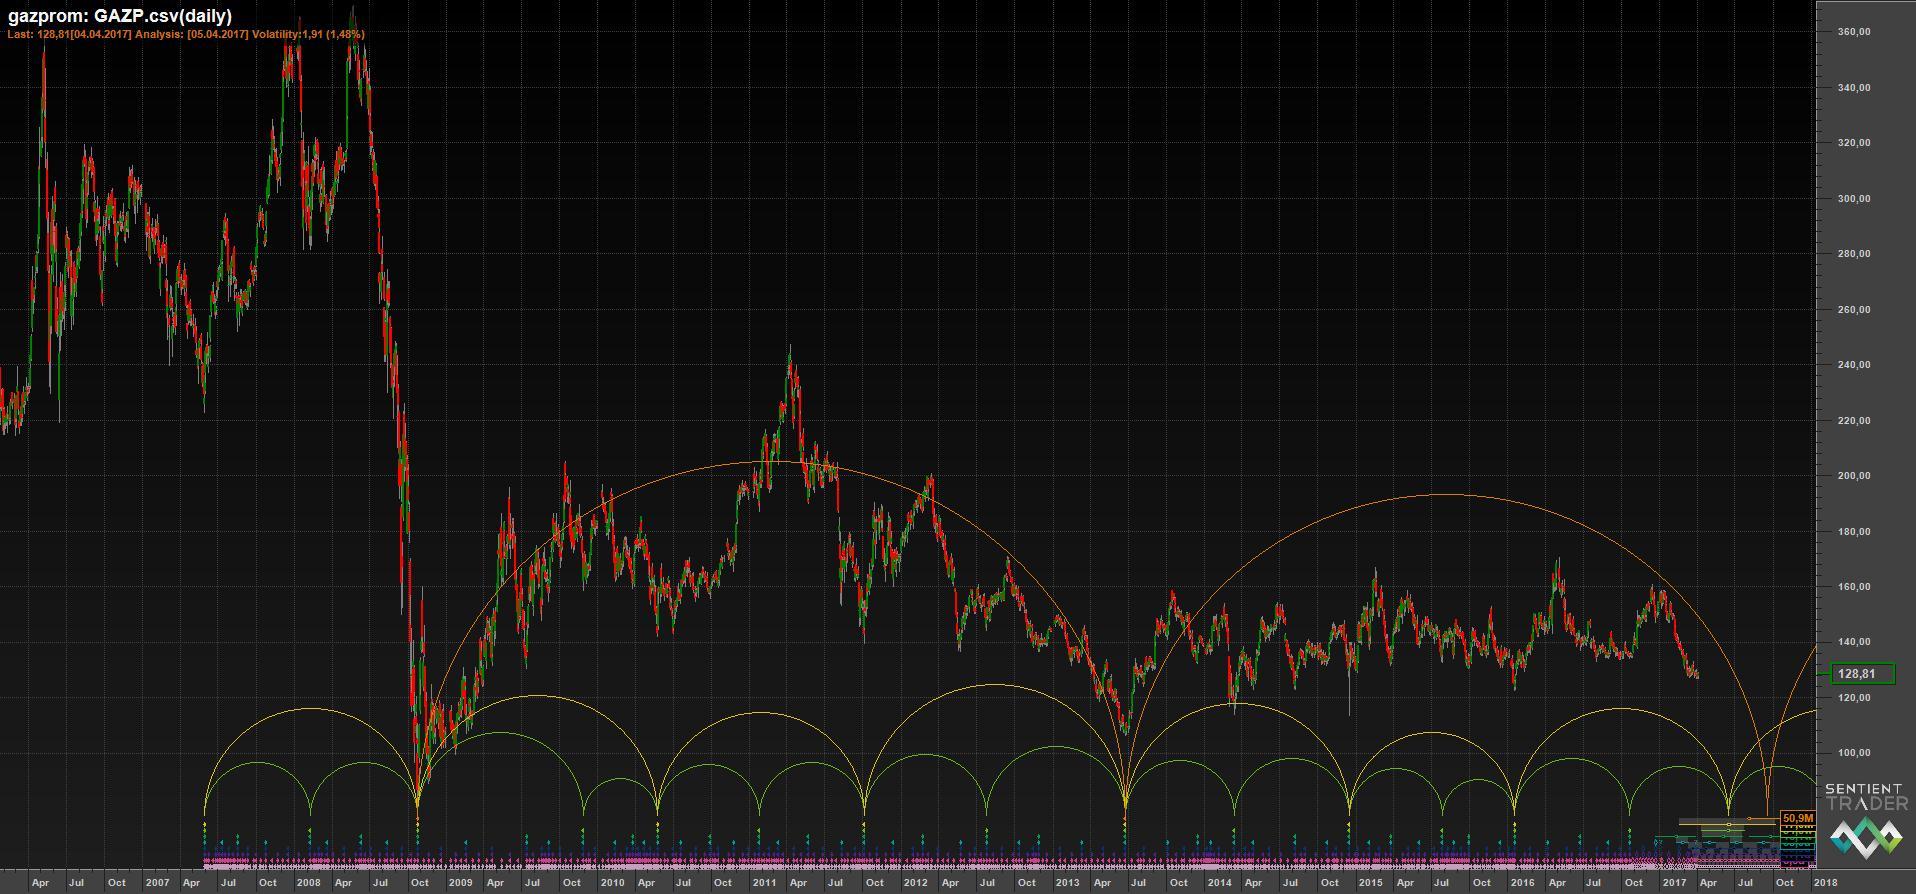 Временной анализ акций Газпрома